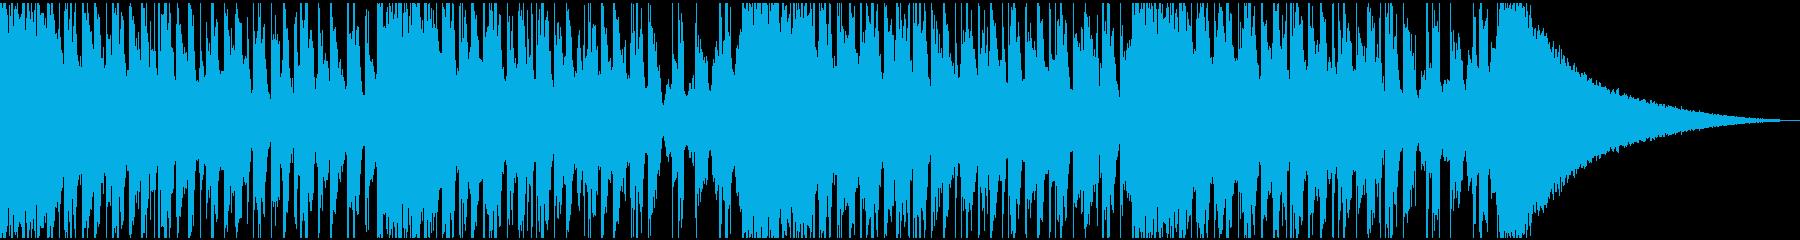 常夏をイメージしたトロピカルハウスの再生済みの波形